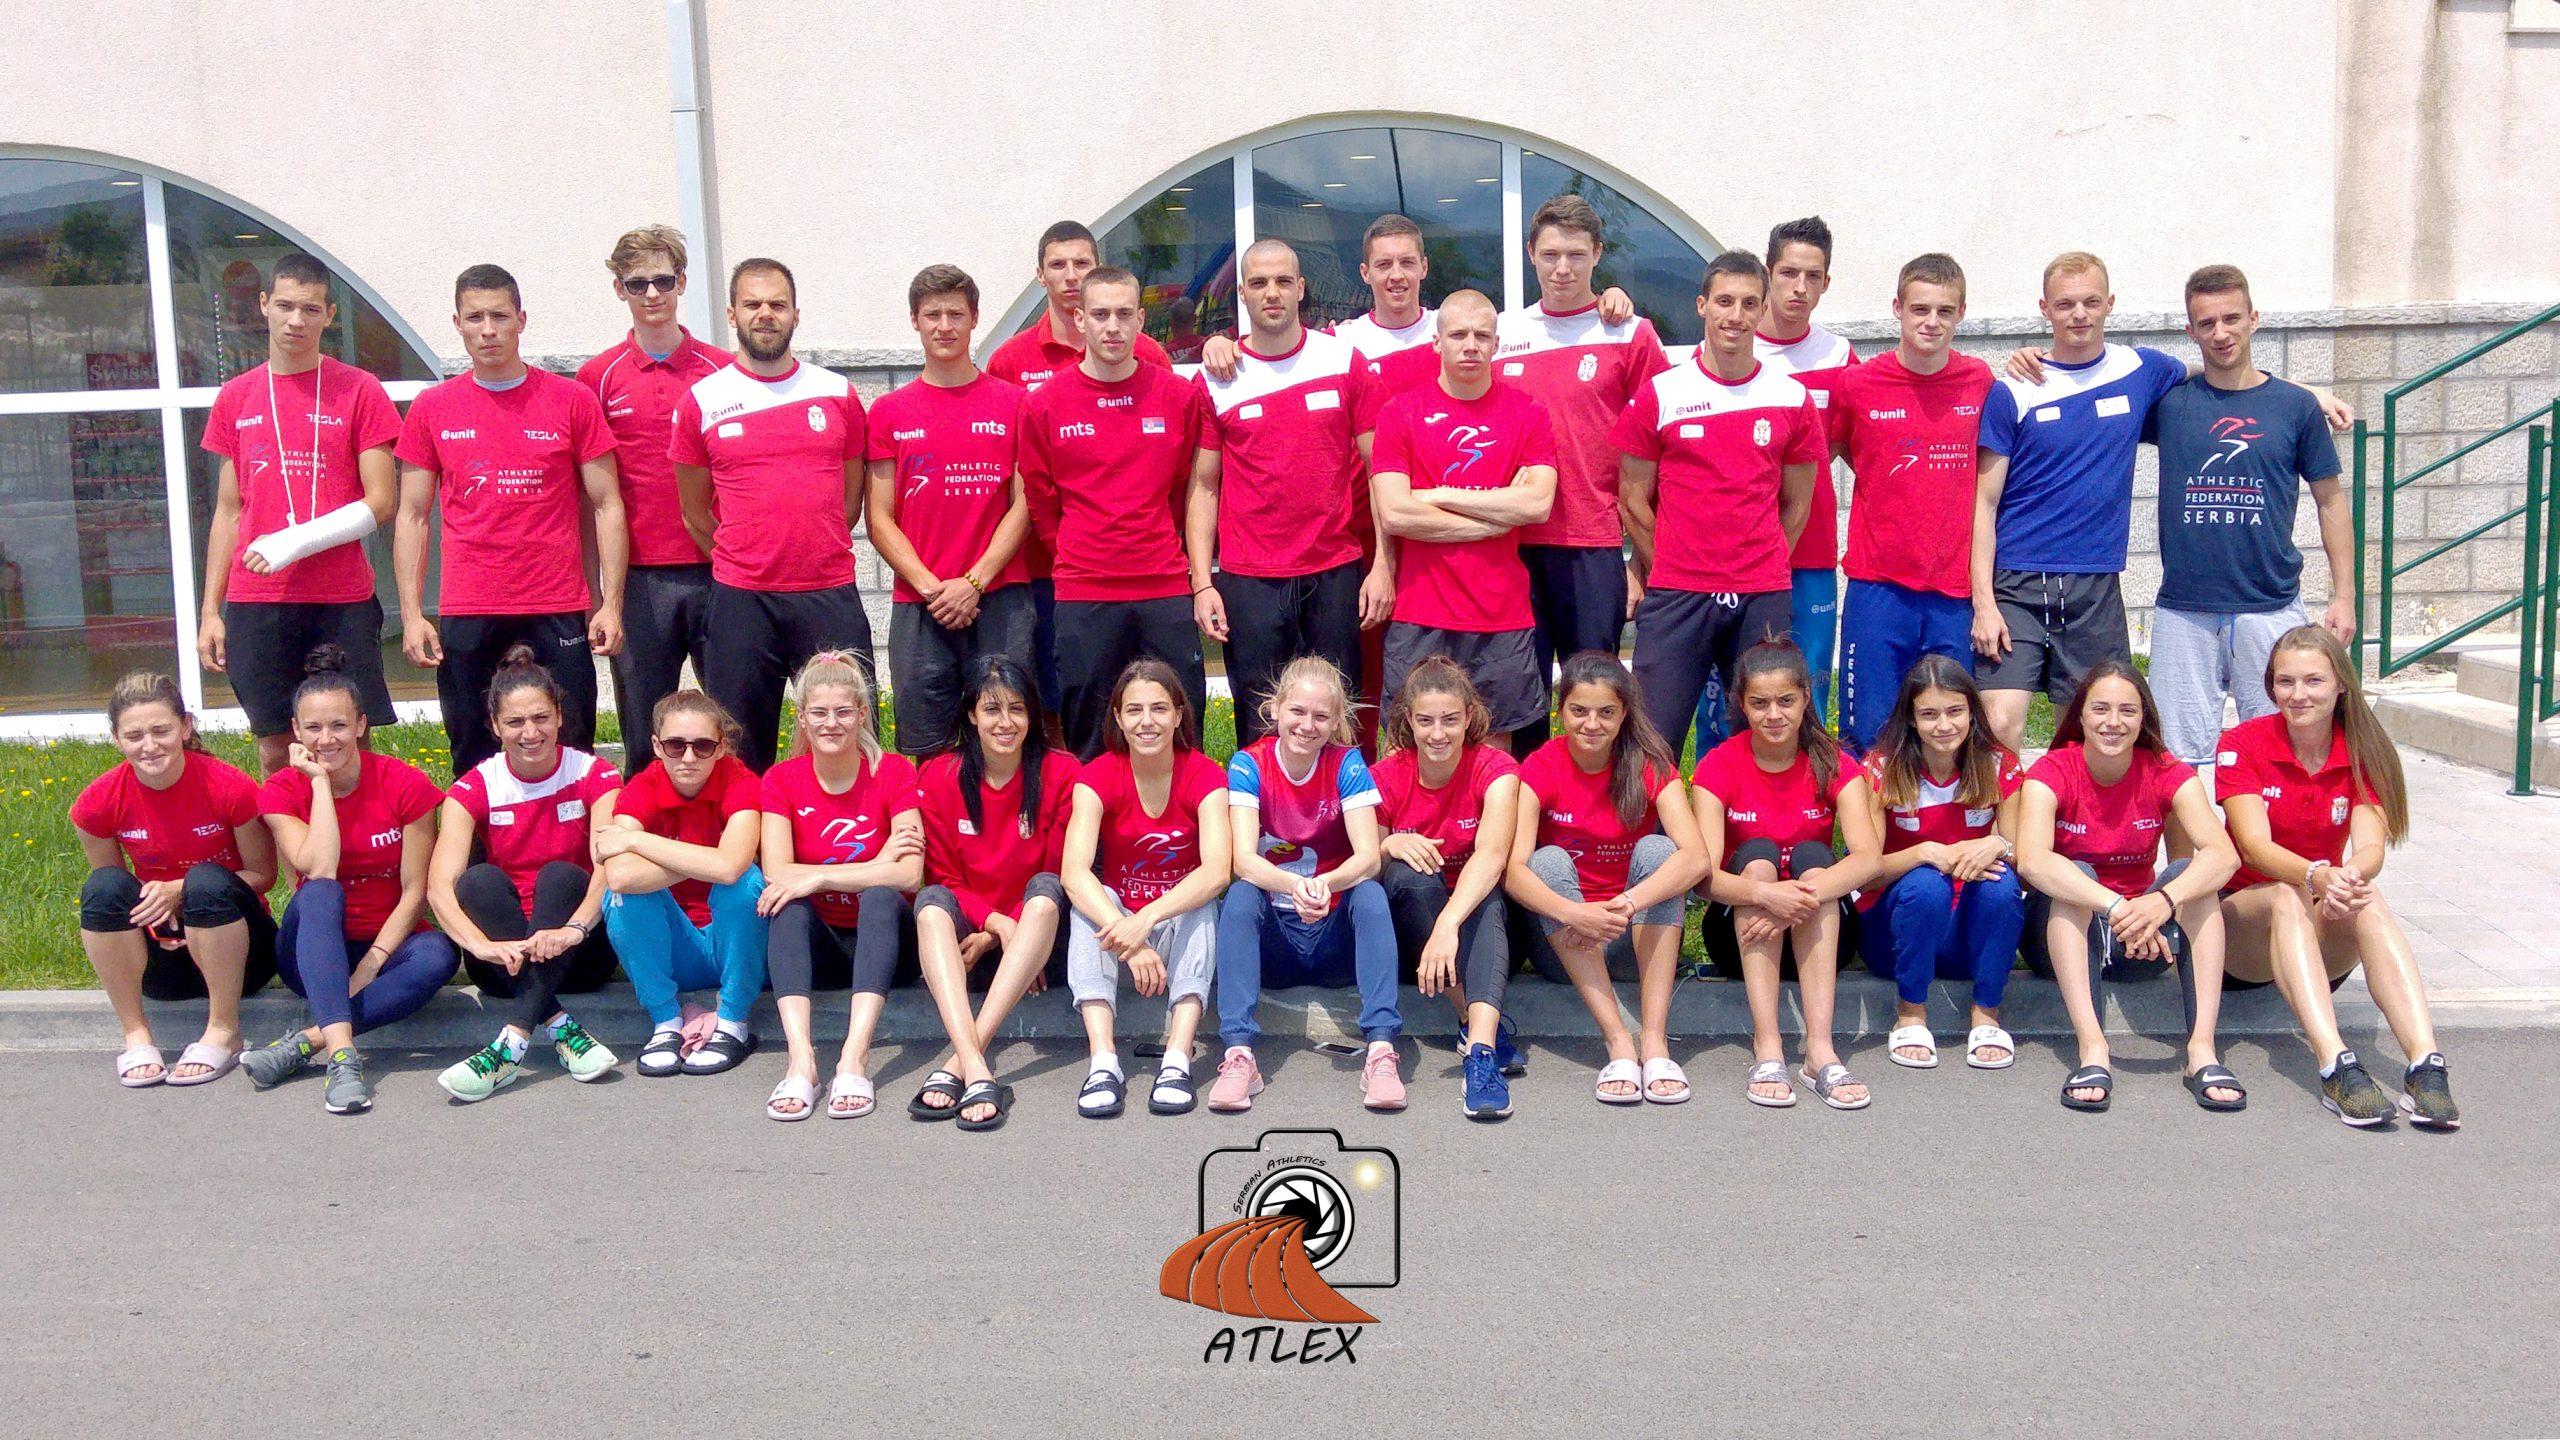 Reprezentacja Srbije 2019. pripreme Trebinje